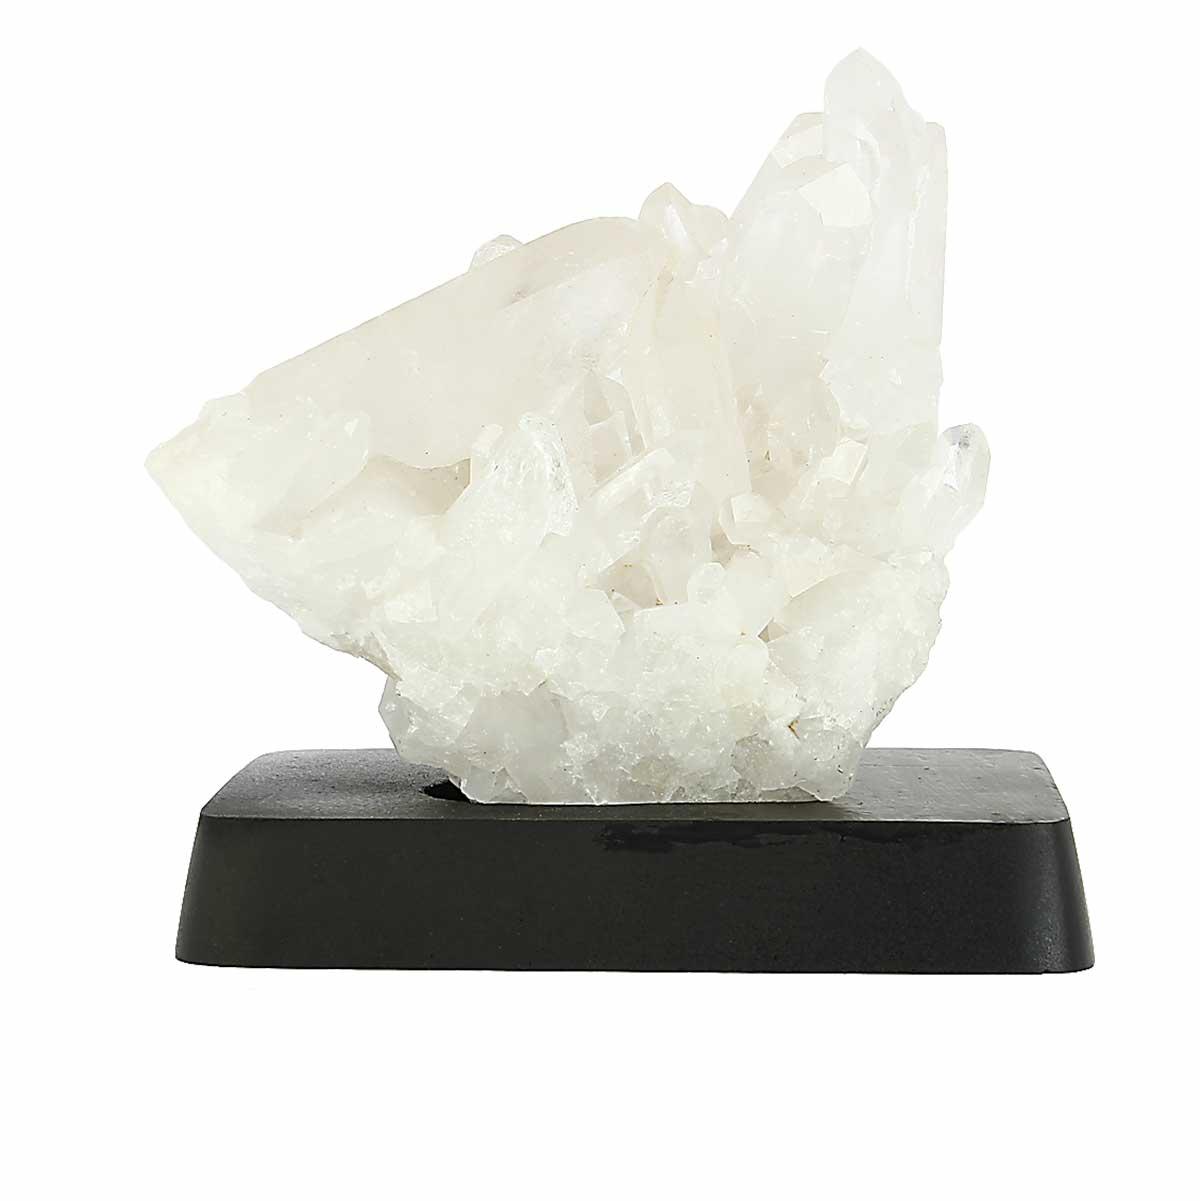 Sculpture de Cristal de roche du Brésil sur socle